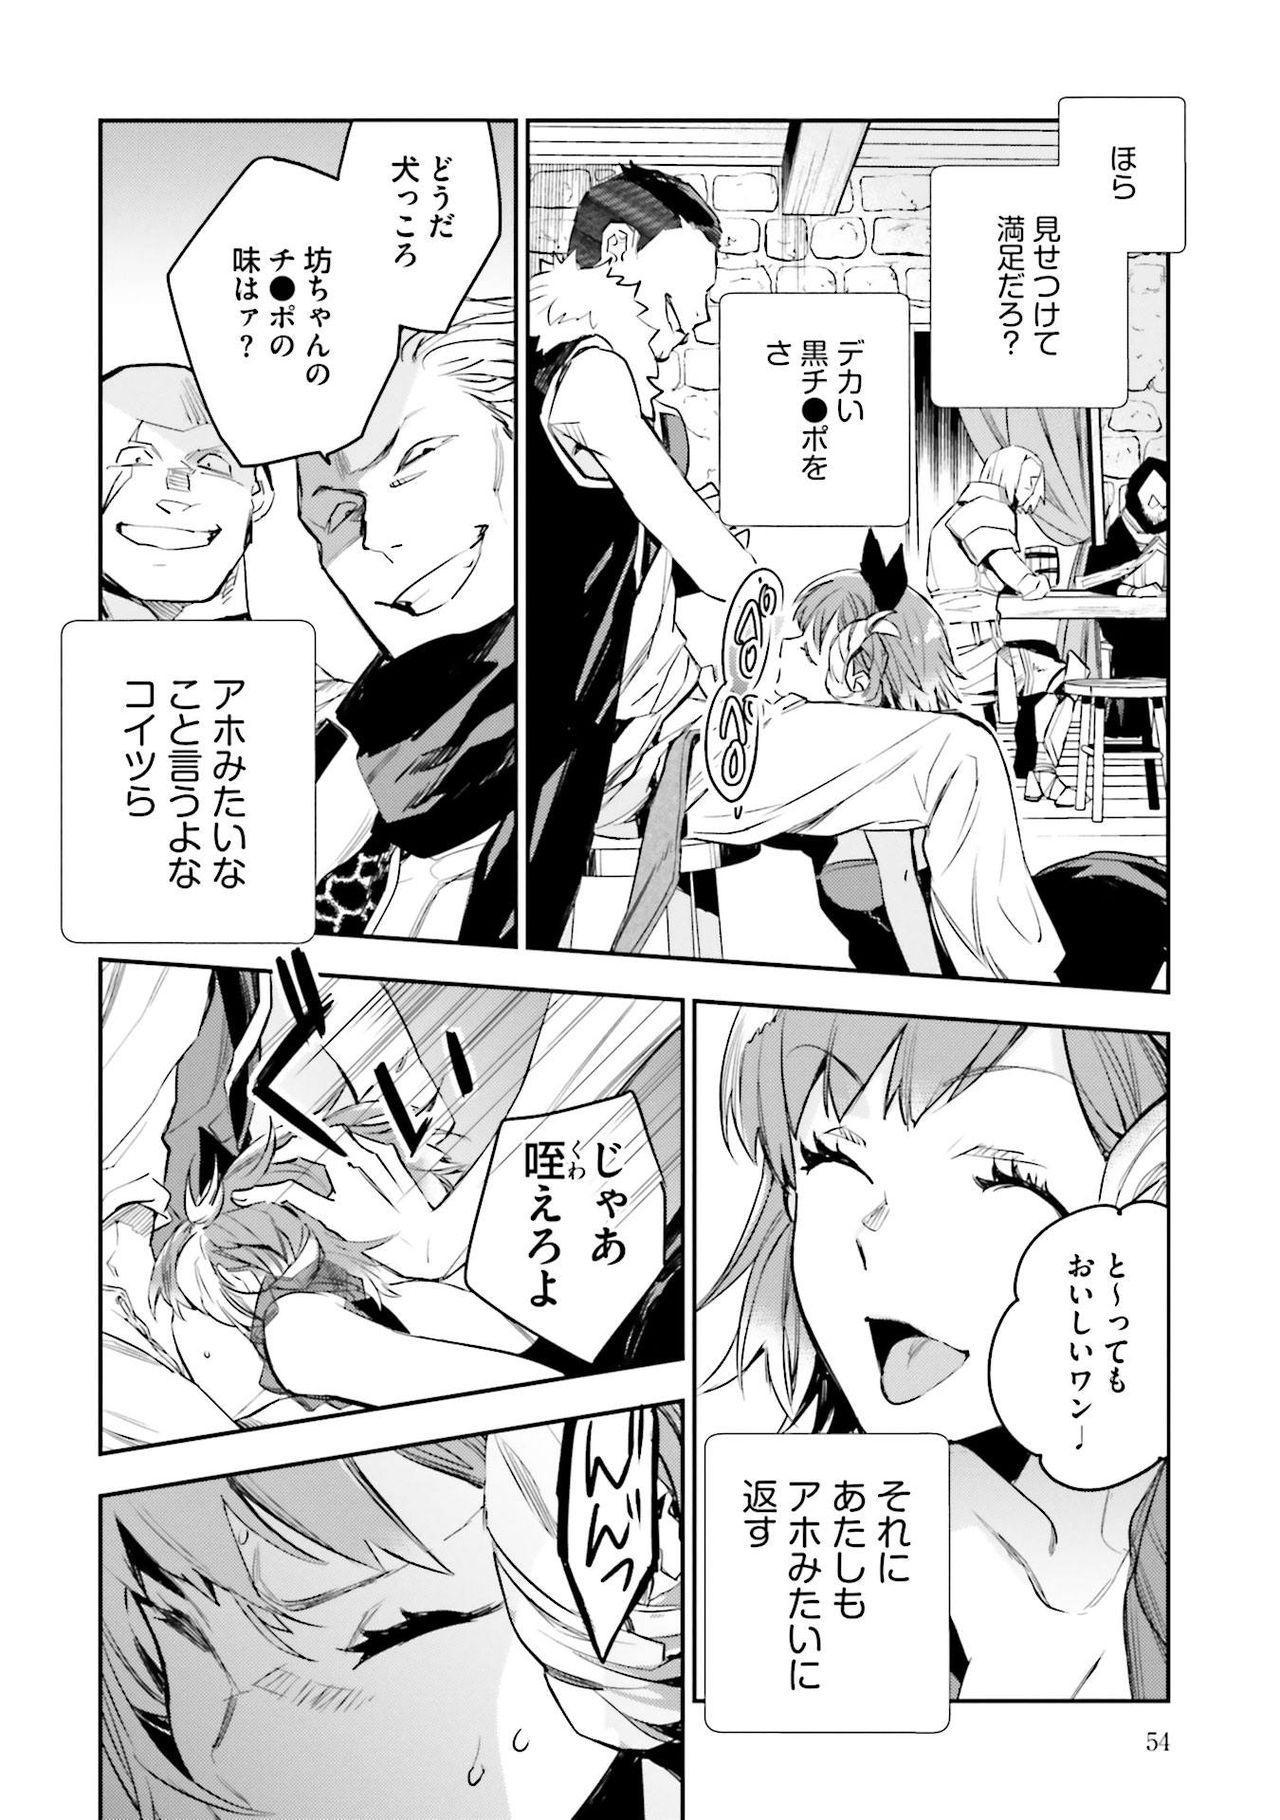 JK Haru wa Isekai de Shoufu ni Natta 1-14 242